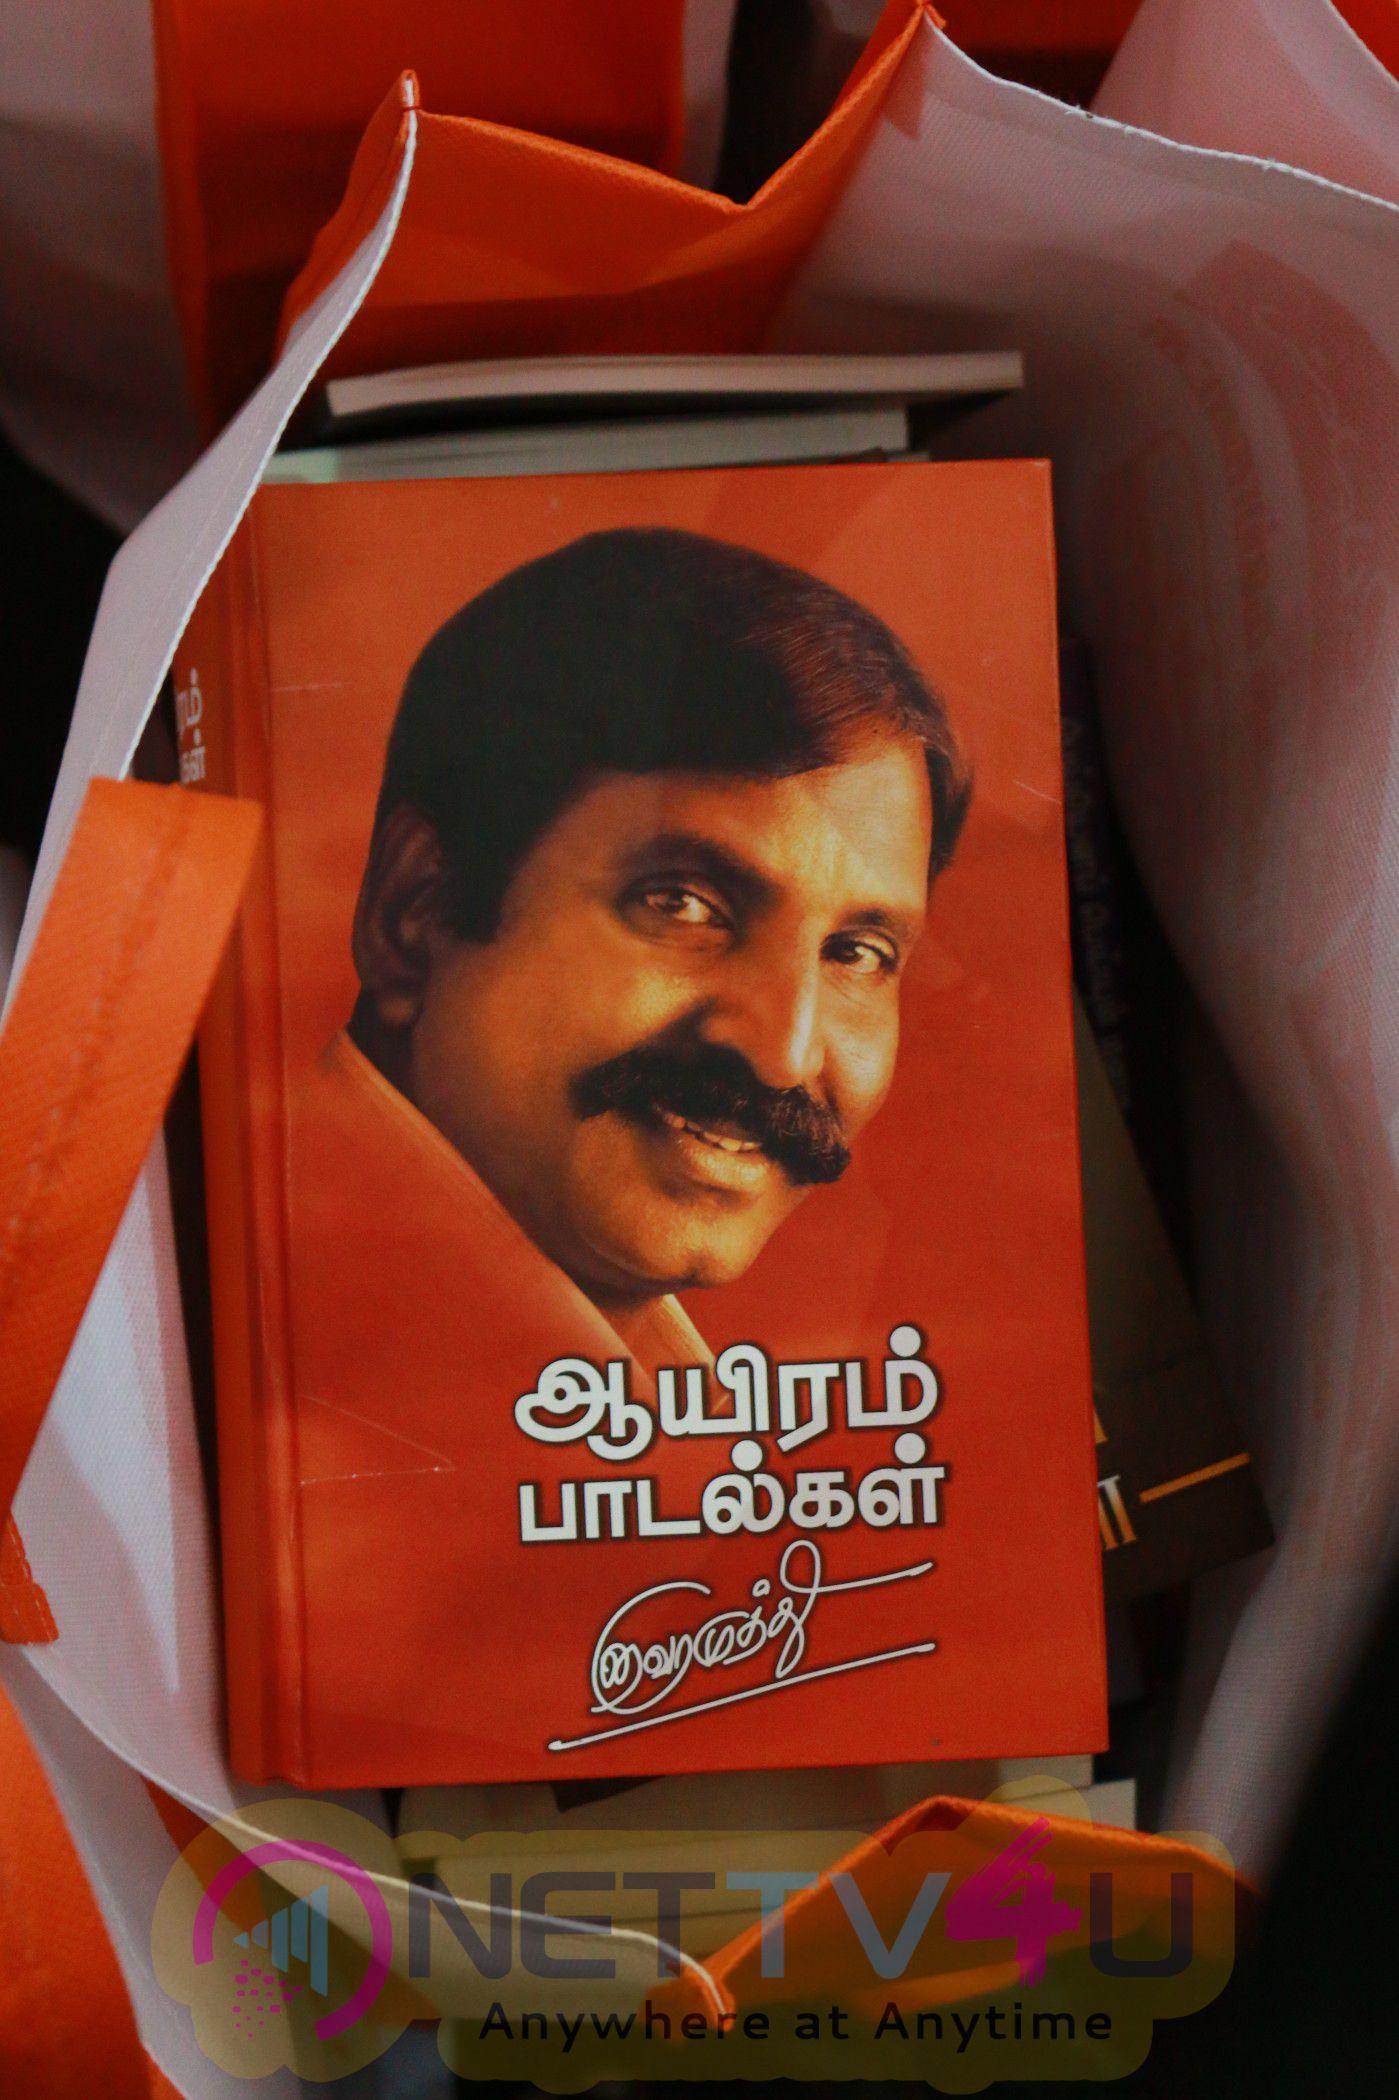 Kaviperarasu Vairamuthu Meets And Greets His Readers At Chennai Book Fair 2016 Photos